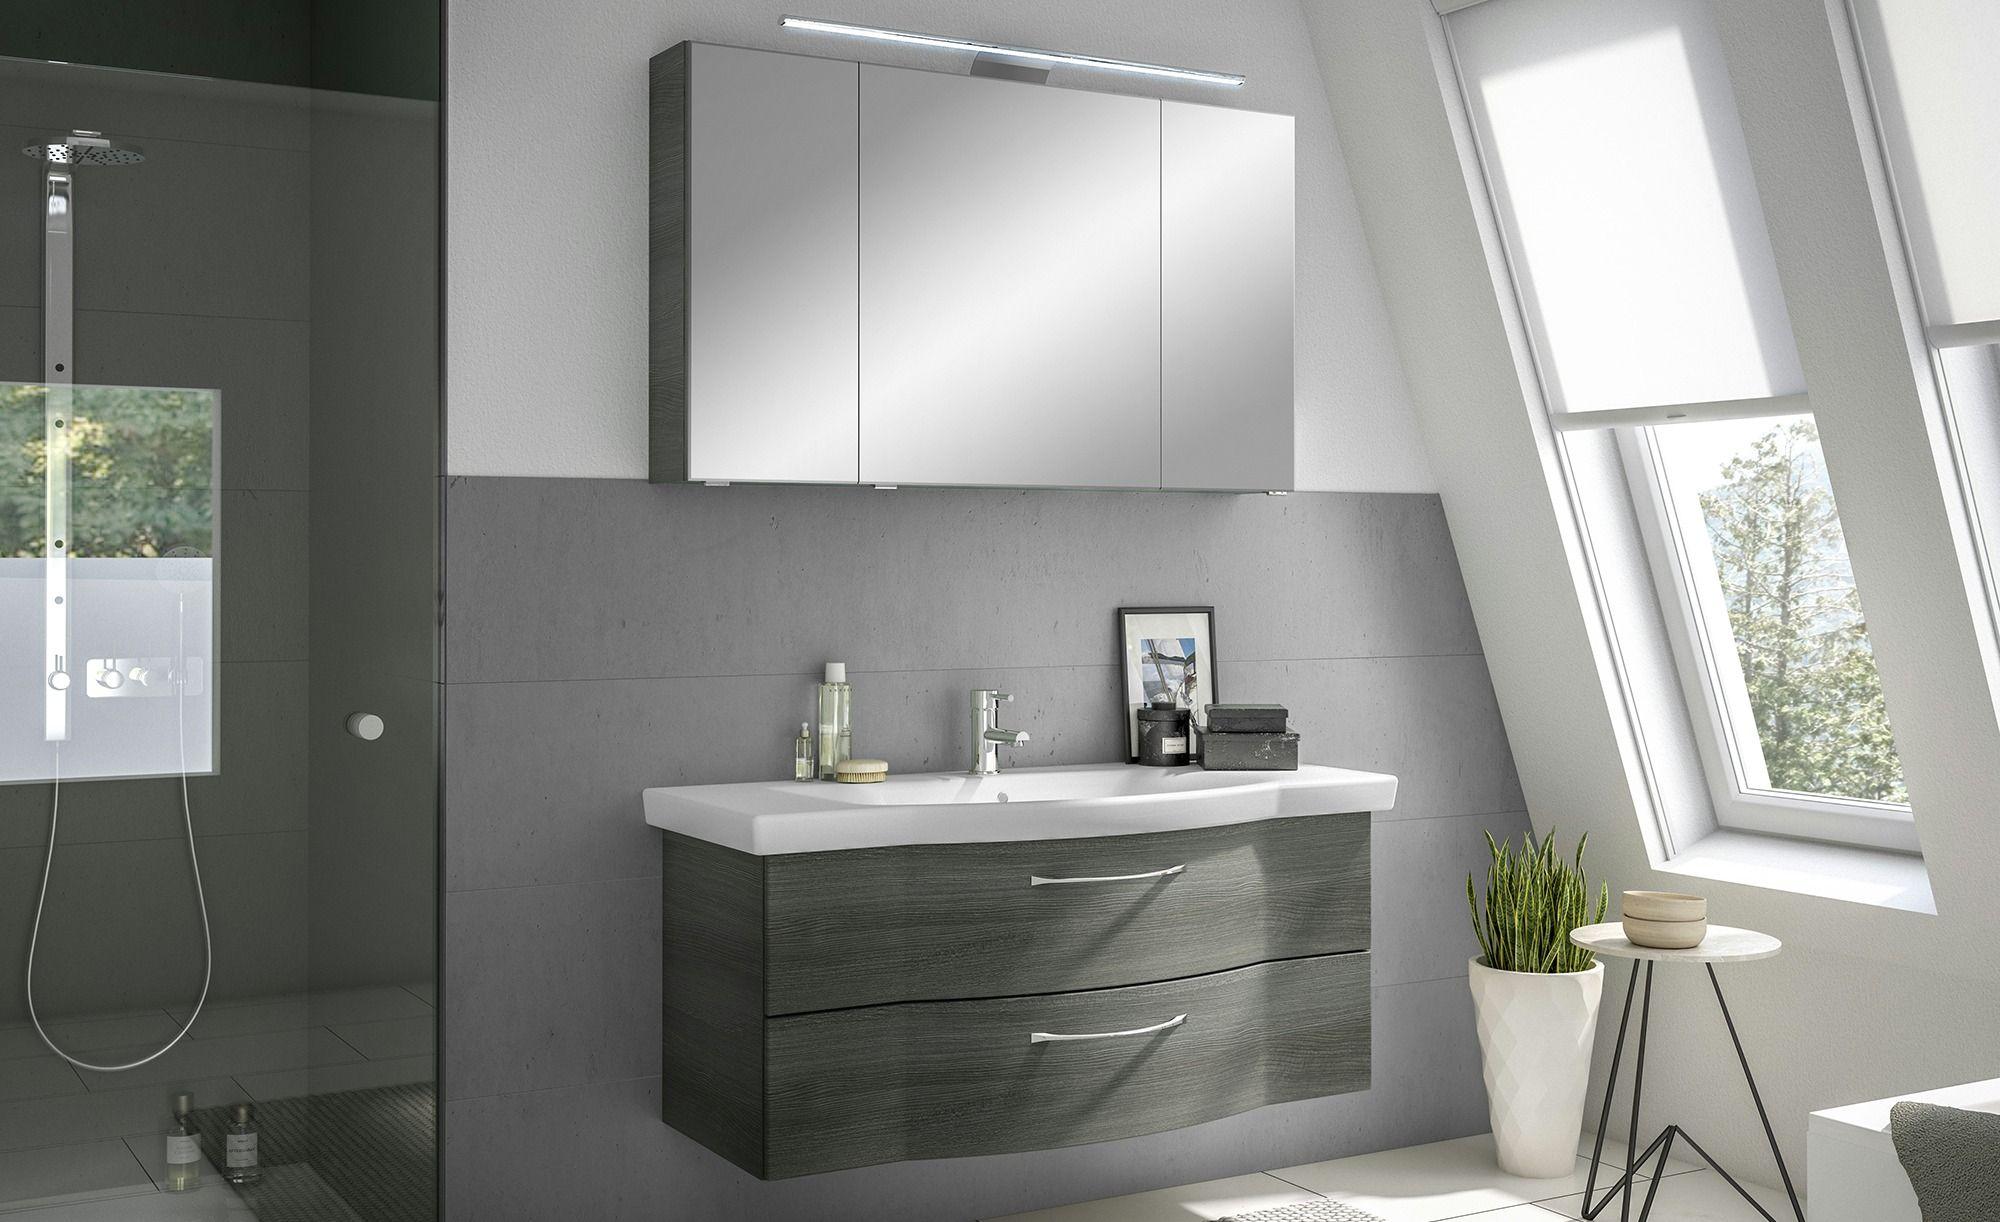 Calmo Badezimmerkombination Rovana Gefunden Bei Mobel Hoffner Badezimmer Set Spiegelschrank Und Unterschrank